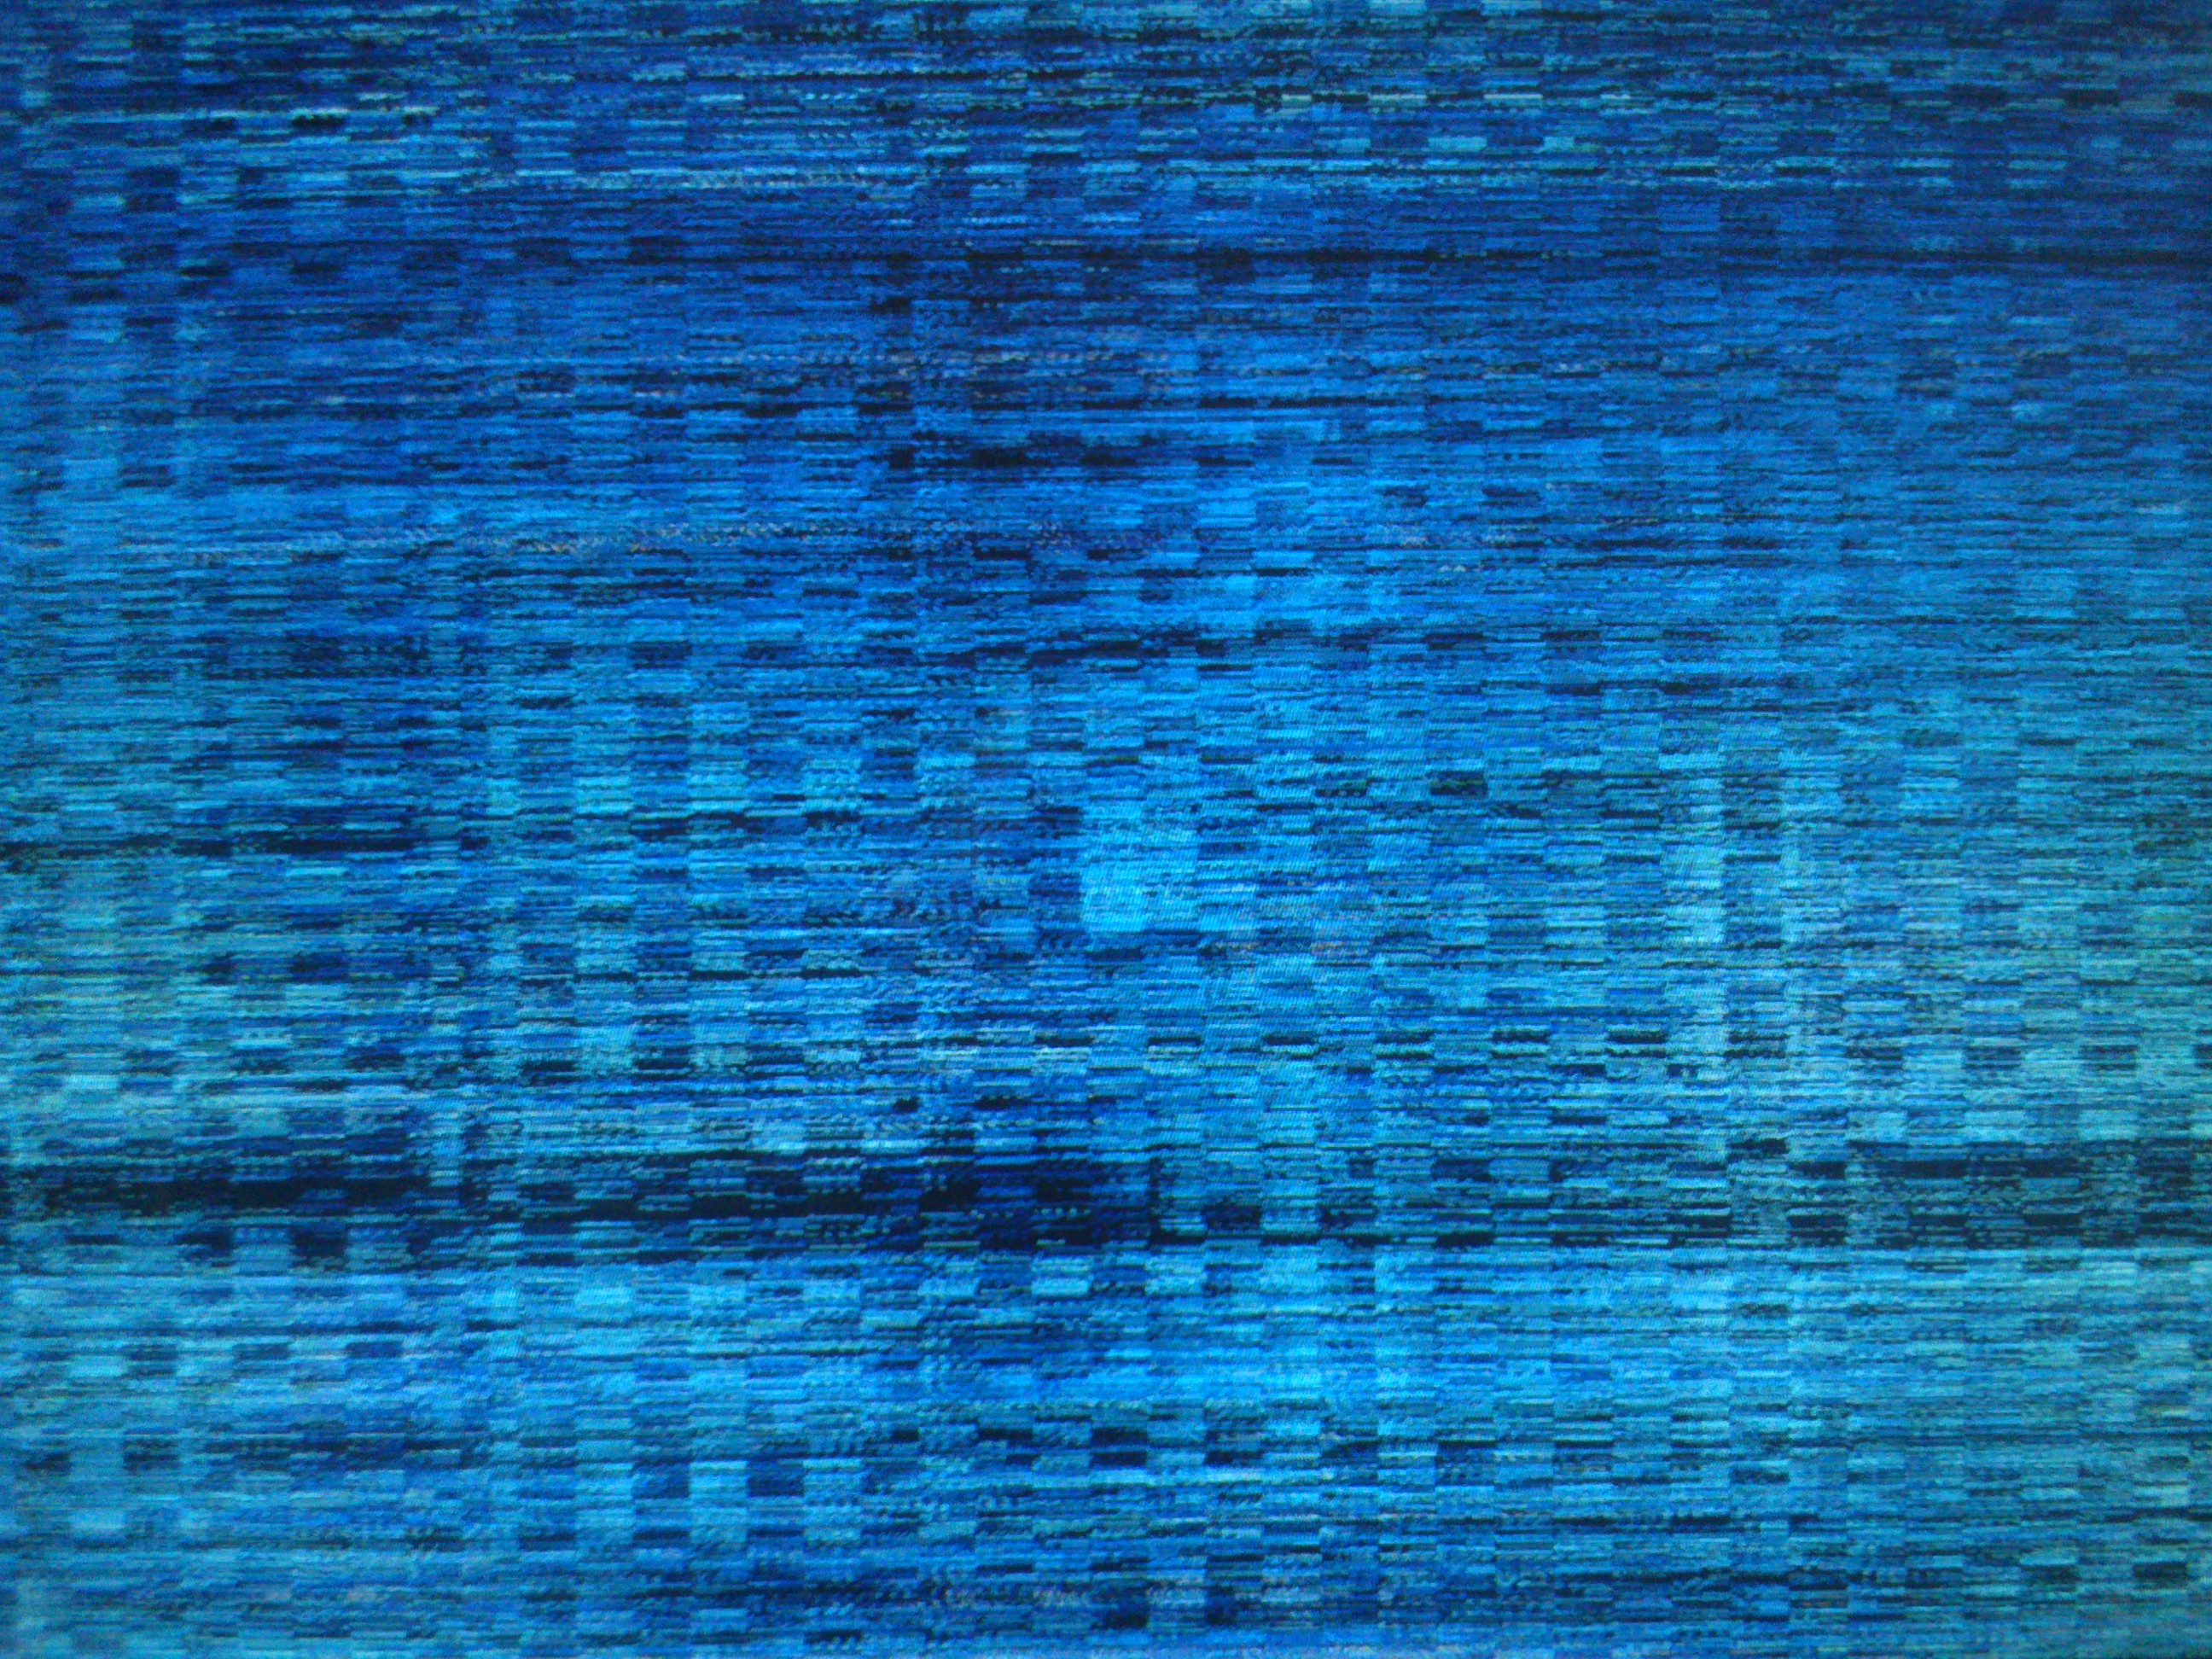 Sterownik karty graficznej Radeon 9600. Dziwny ekran